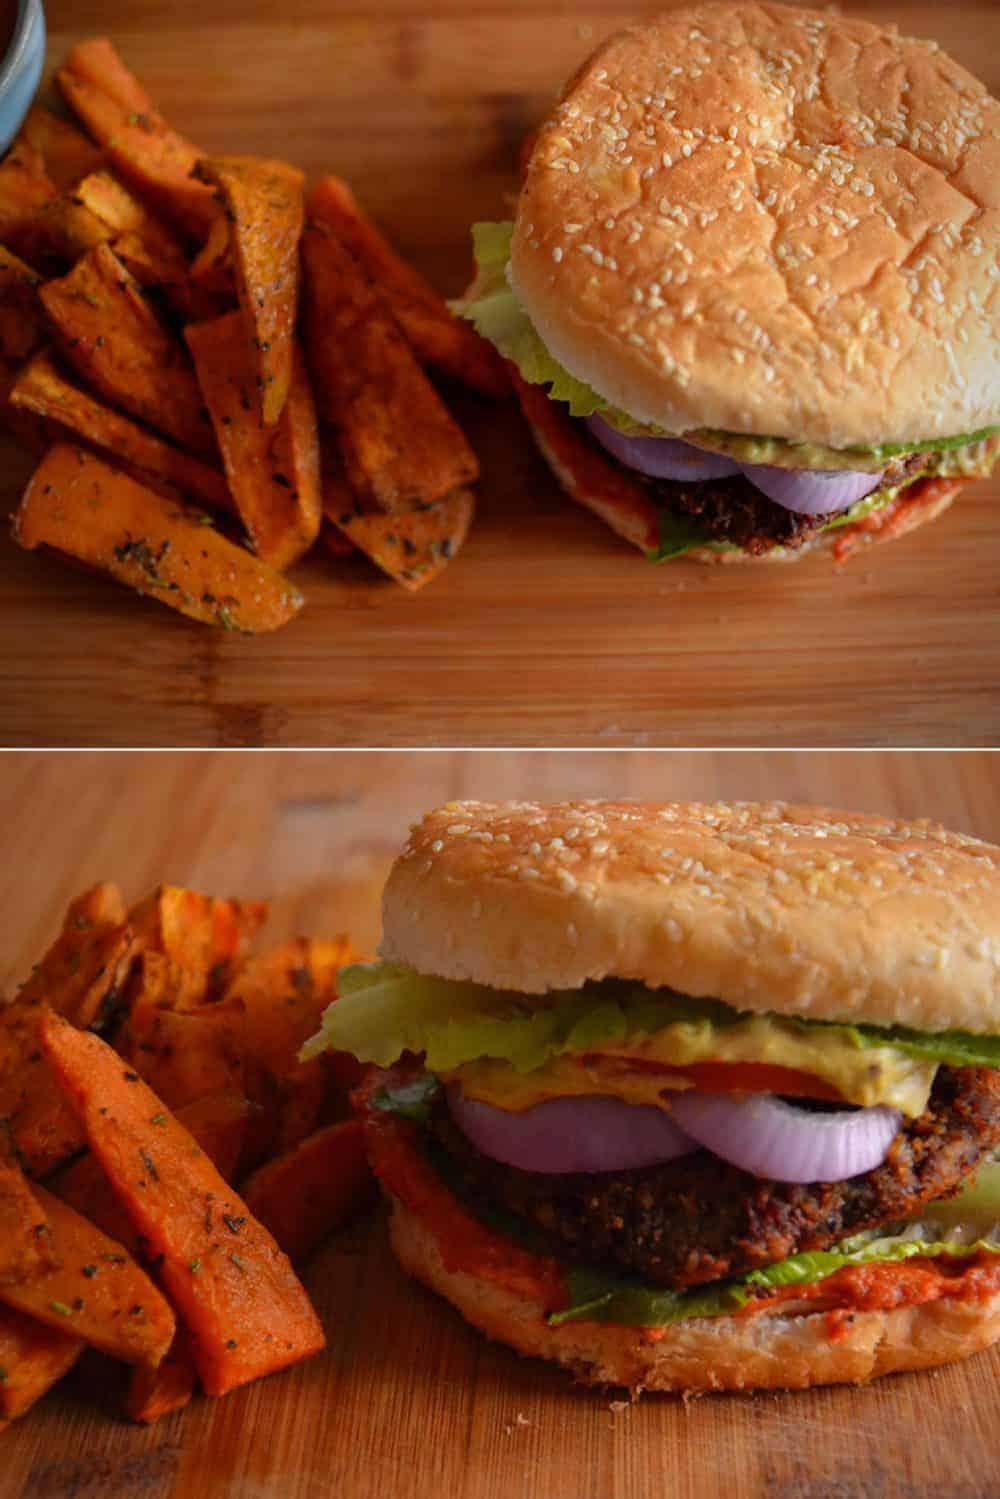 Σερβίρισμα - Αφράτο Vegan Burger Μανιταριών και Φασολιών | Νηστίσιμο. maninio.com